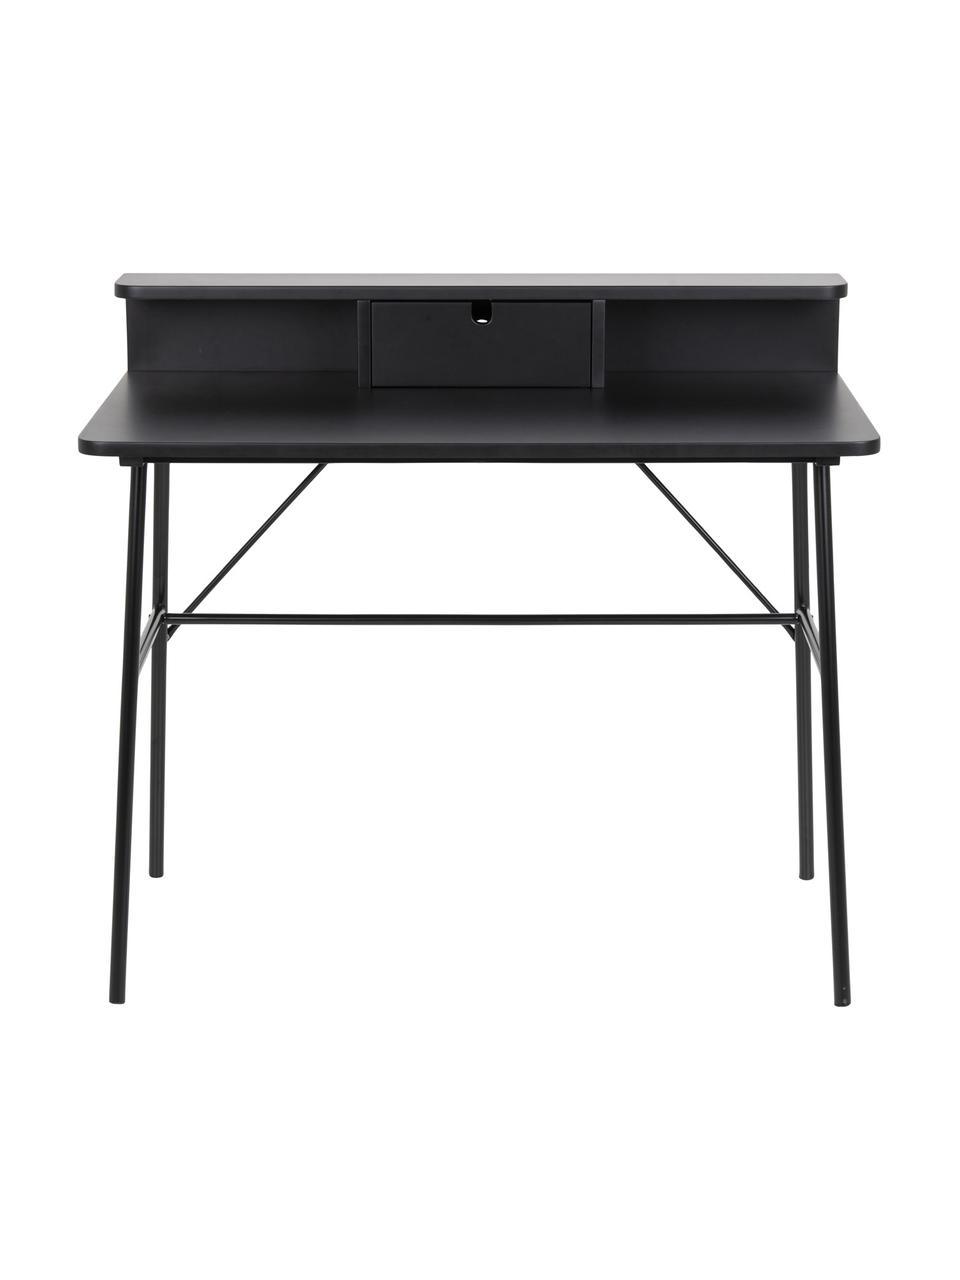 Schreibtisch Pascal in Schwarz mit Schublade , Beine: Metall, lackiert, Tischplatte und Aufbau: Mitteldichte Holzfaserpla, Schwarz, B 100 x T 55 cm